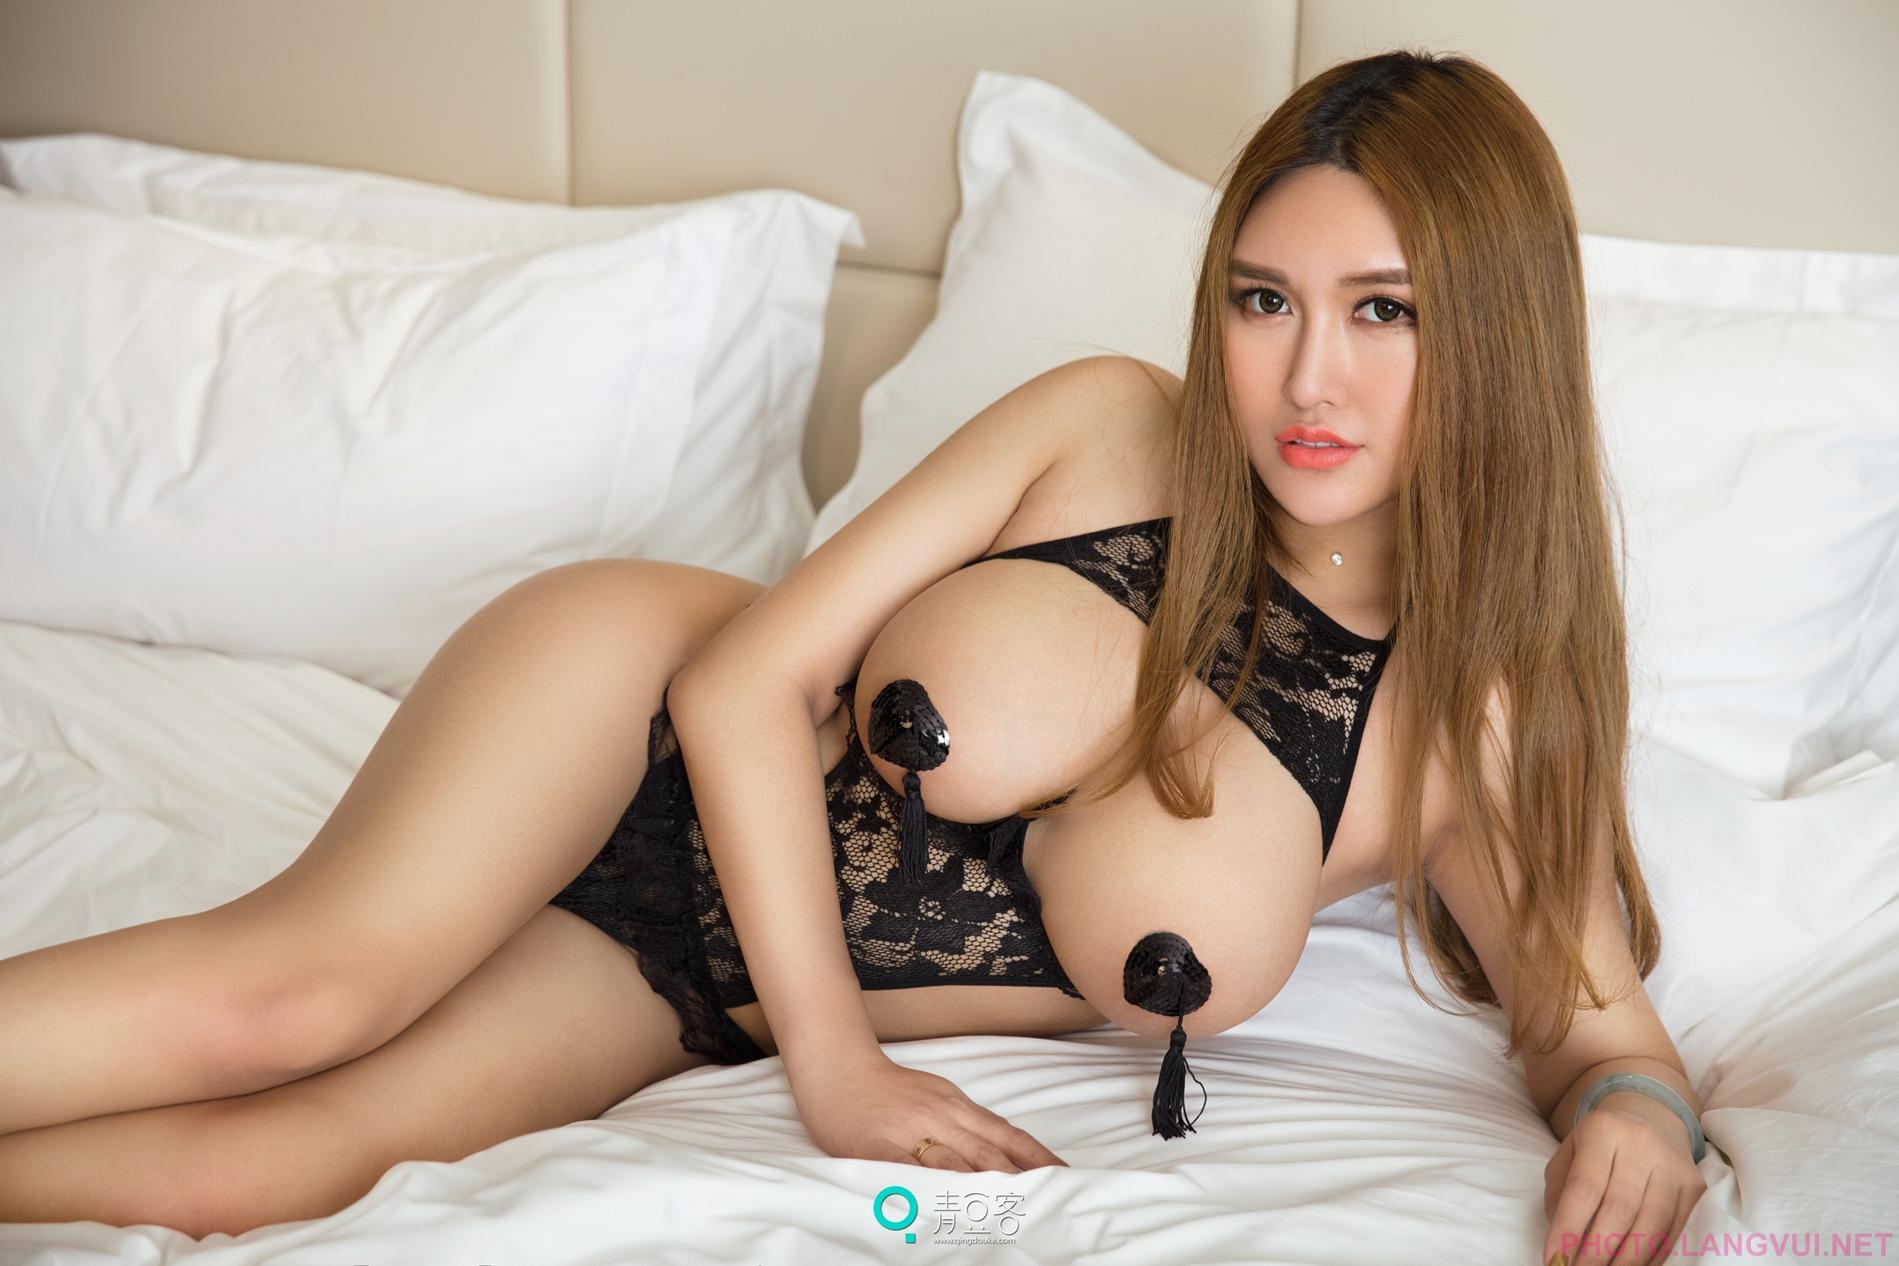 QingDouKe Vol 2017 06 06